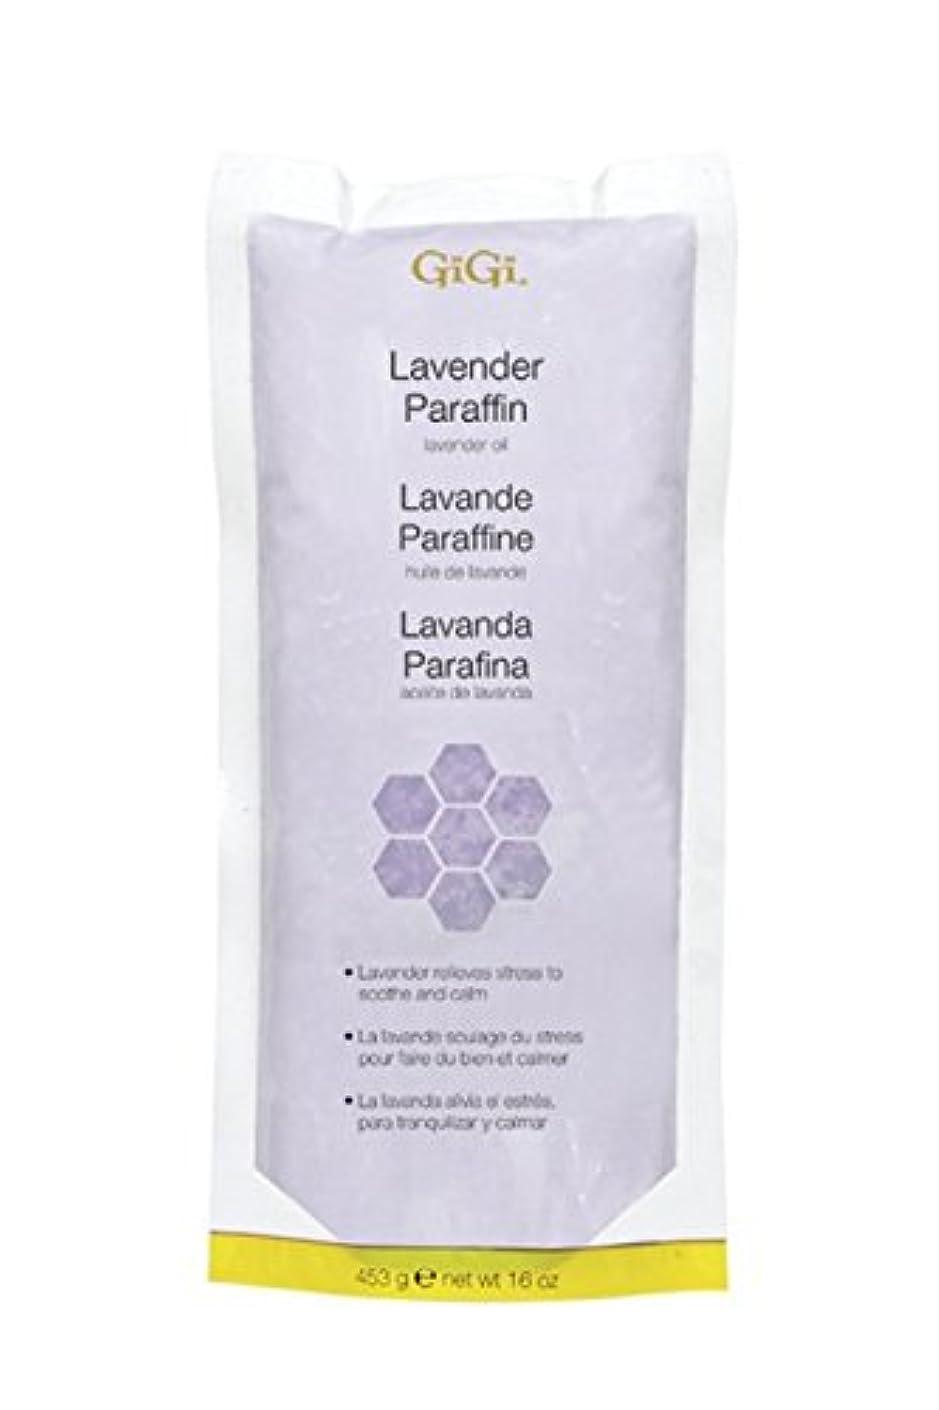 出身地座標対話(Lavender) - GiGi Lavander Paraffin with Lavander Oil (for Women)